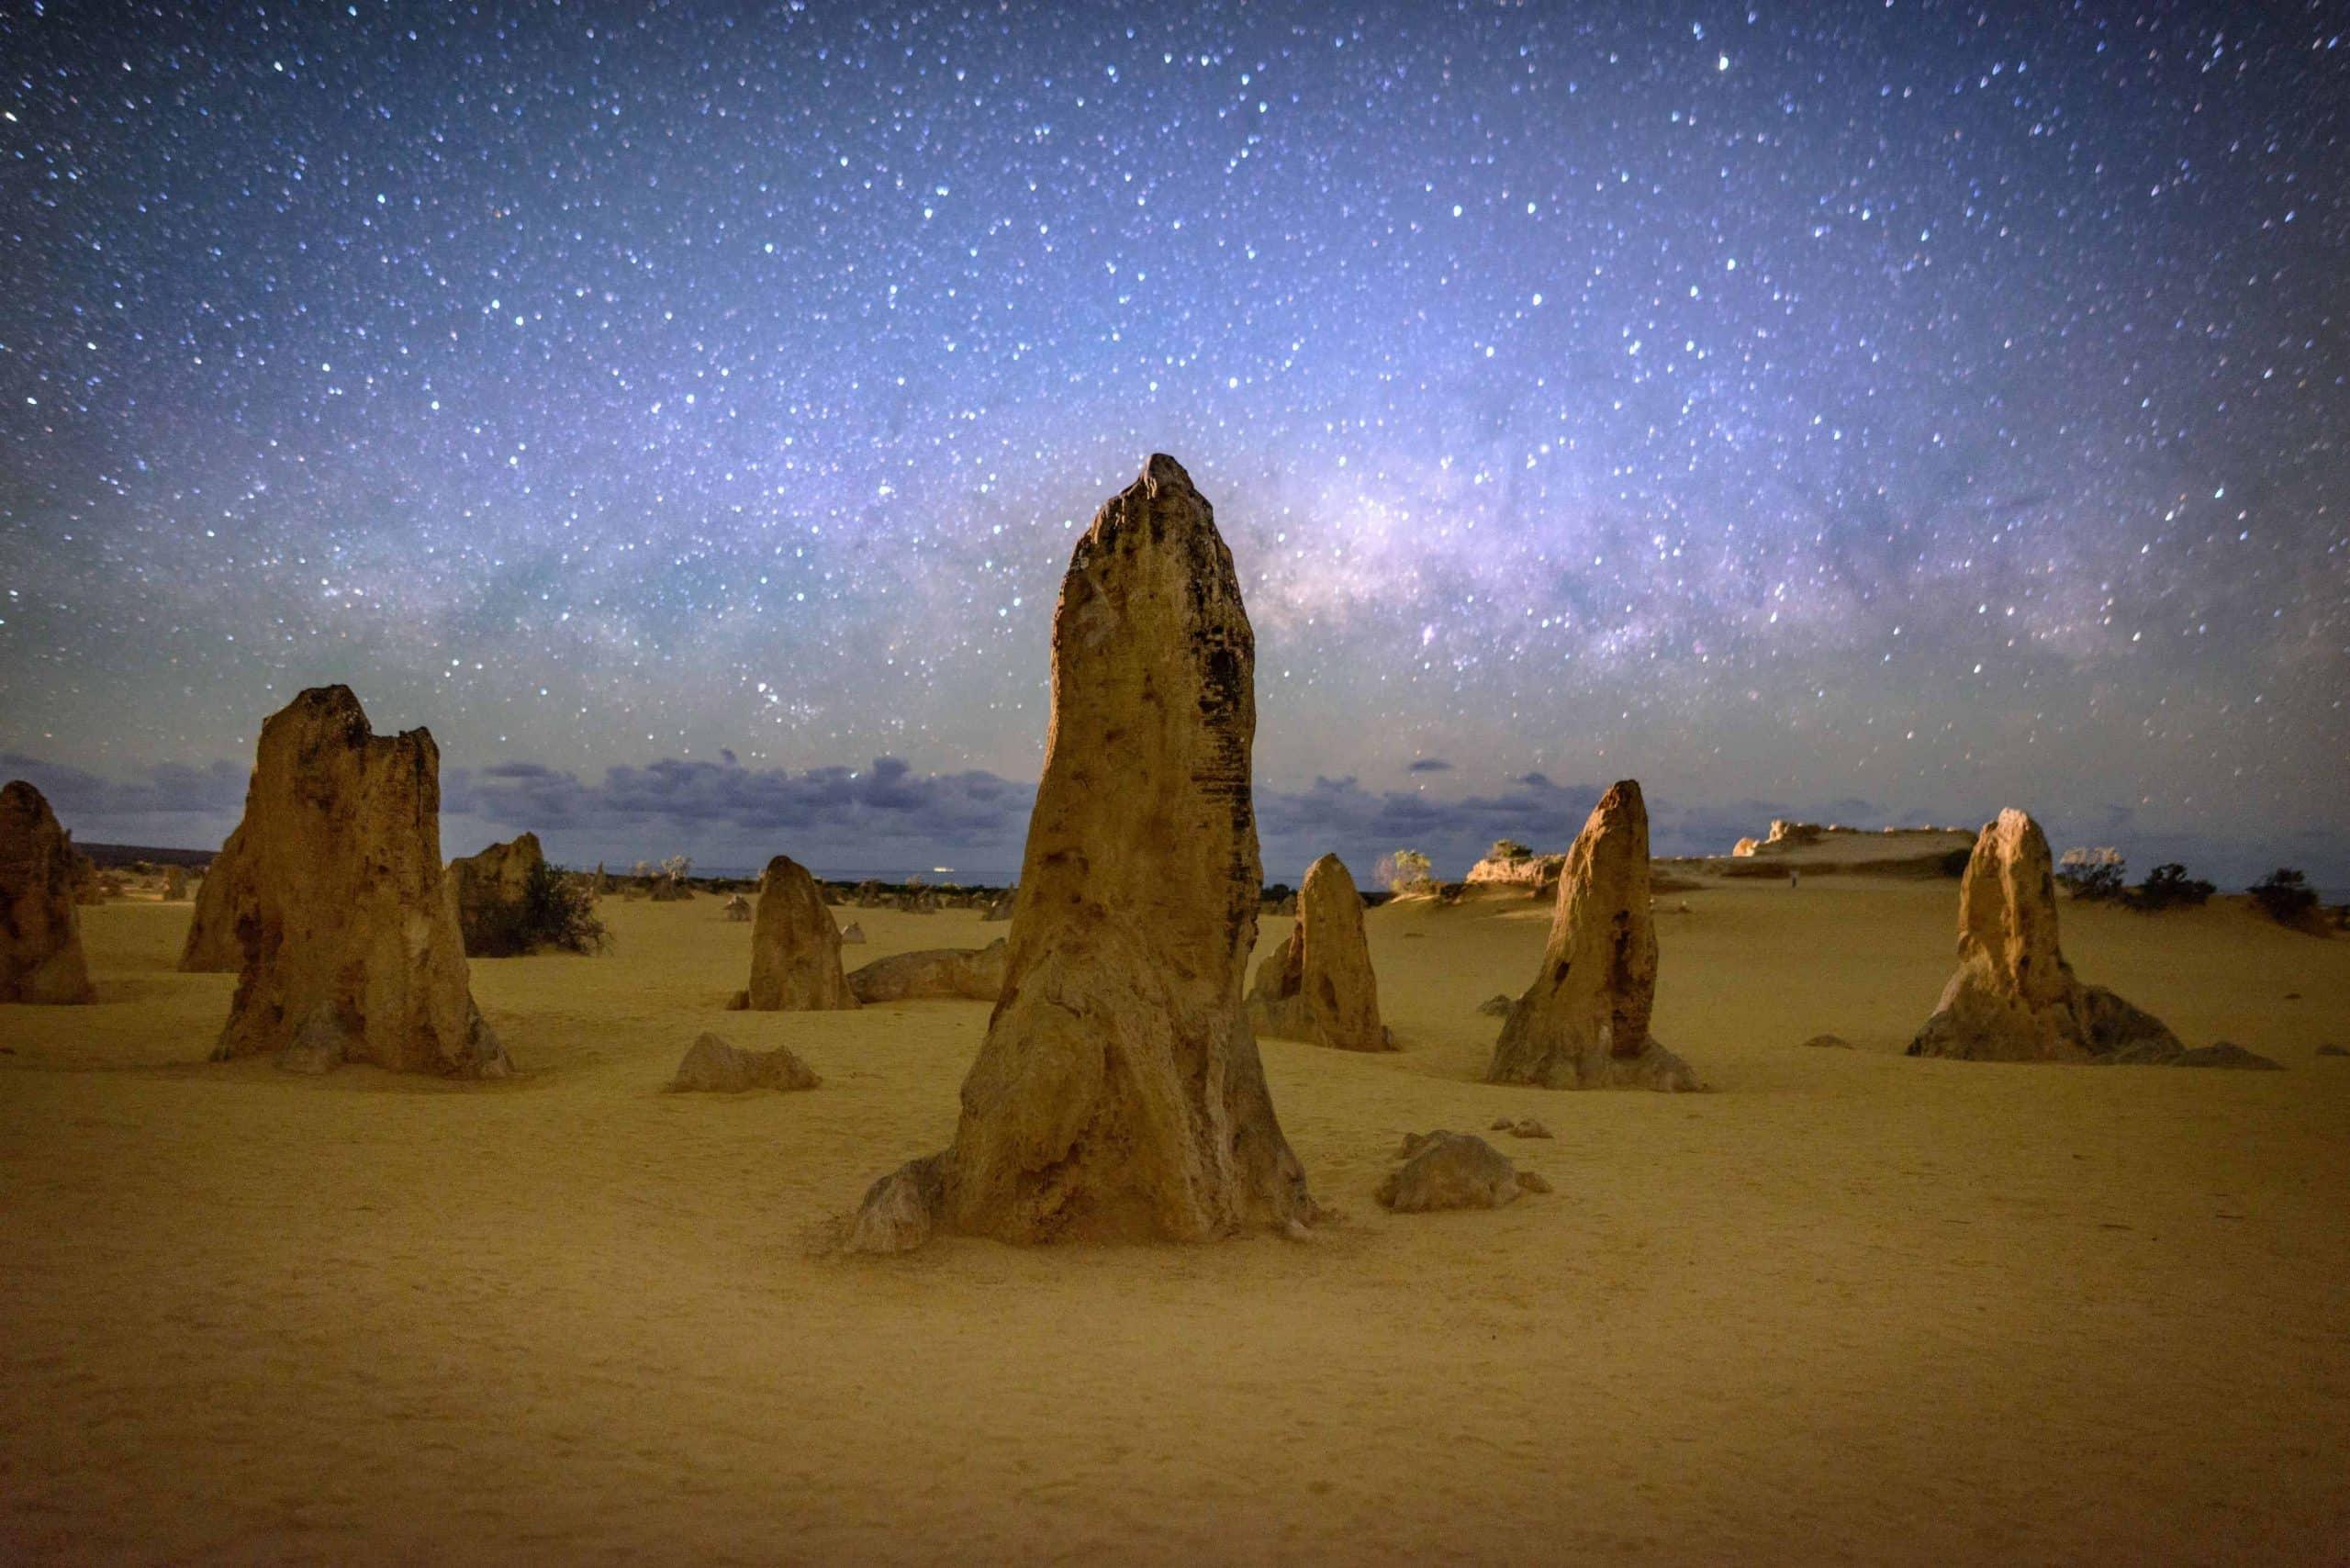 Stjernehimmel i Perth Australien - Risskov Rejser